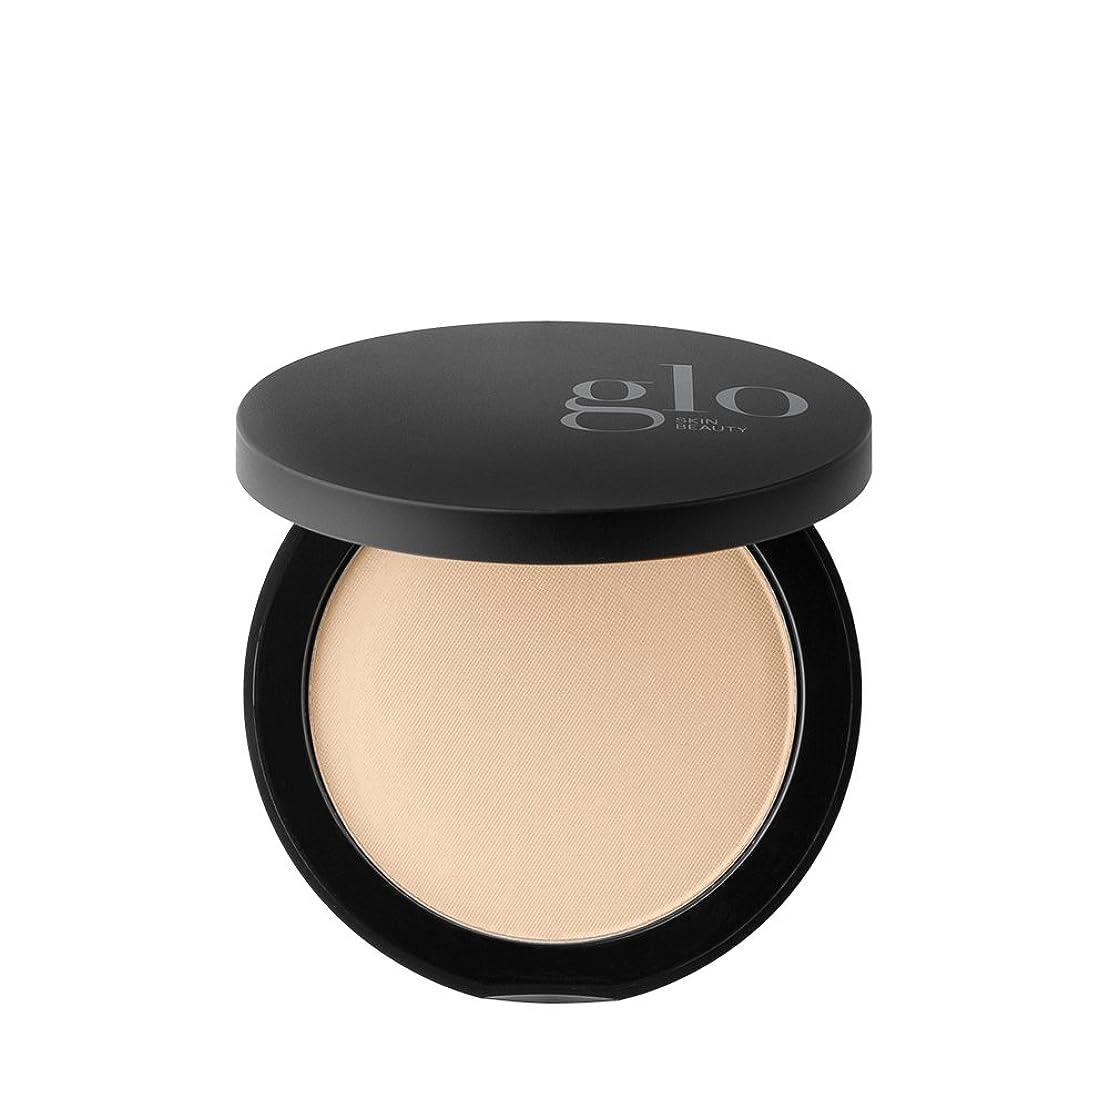 抵抗する背の高いバウンスGlo Skin Beauty Pressed Base - # Natural Fair 9g/0.31oz並行輸入品